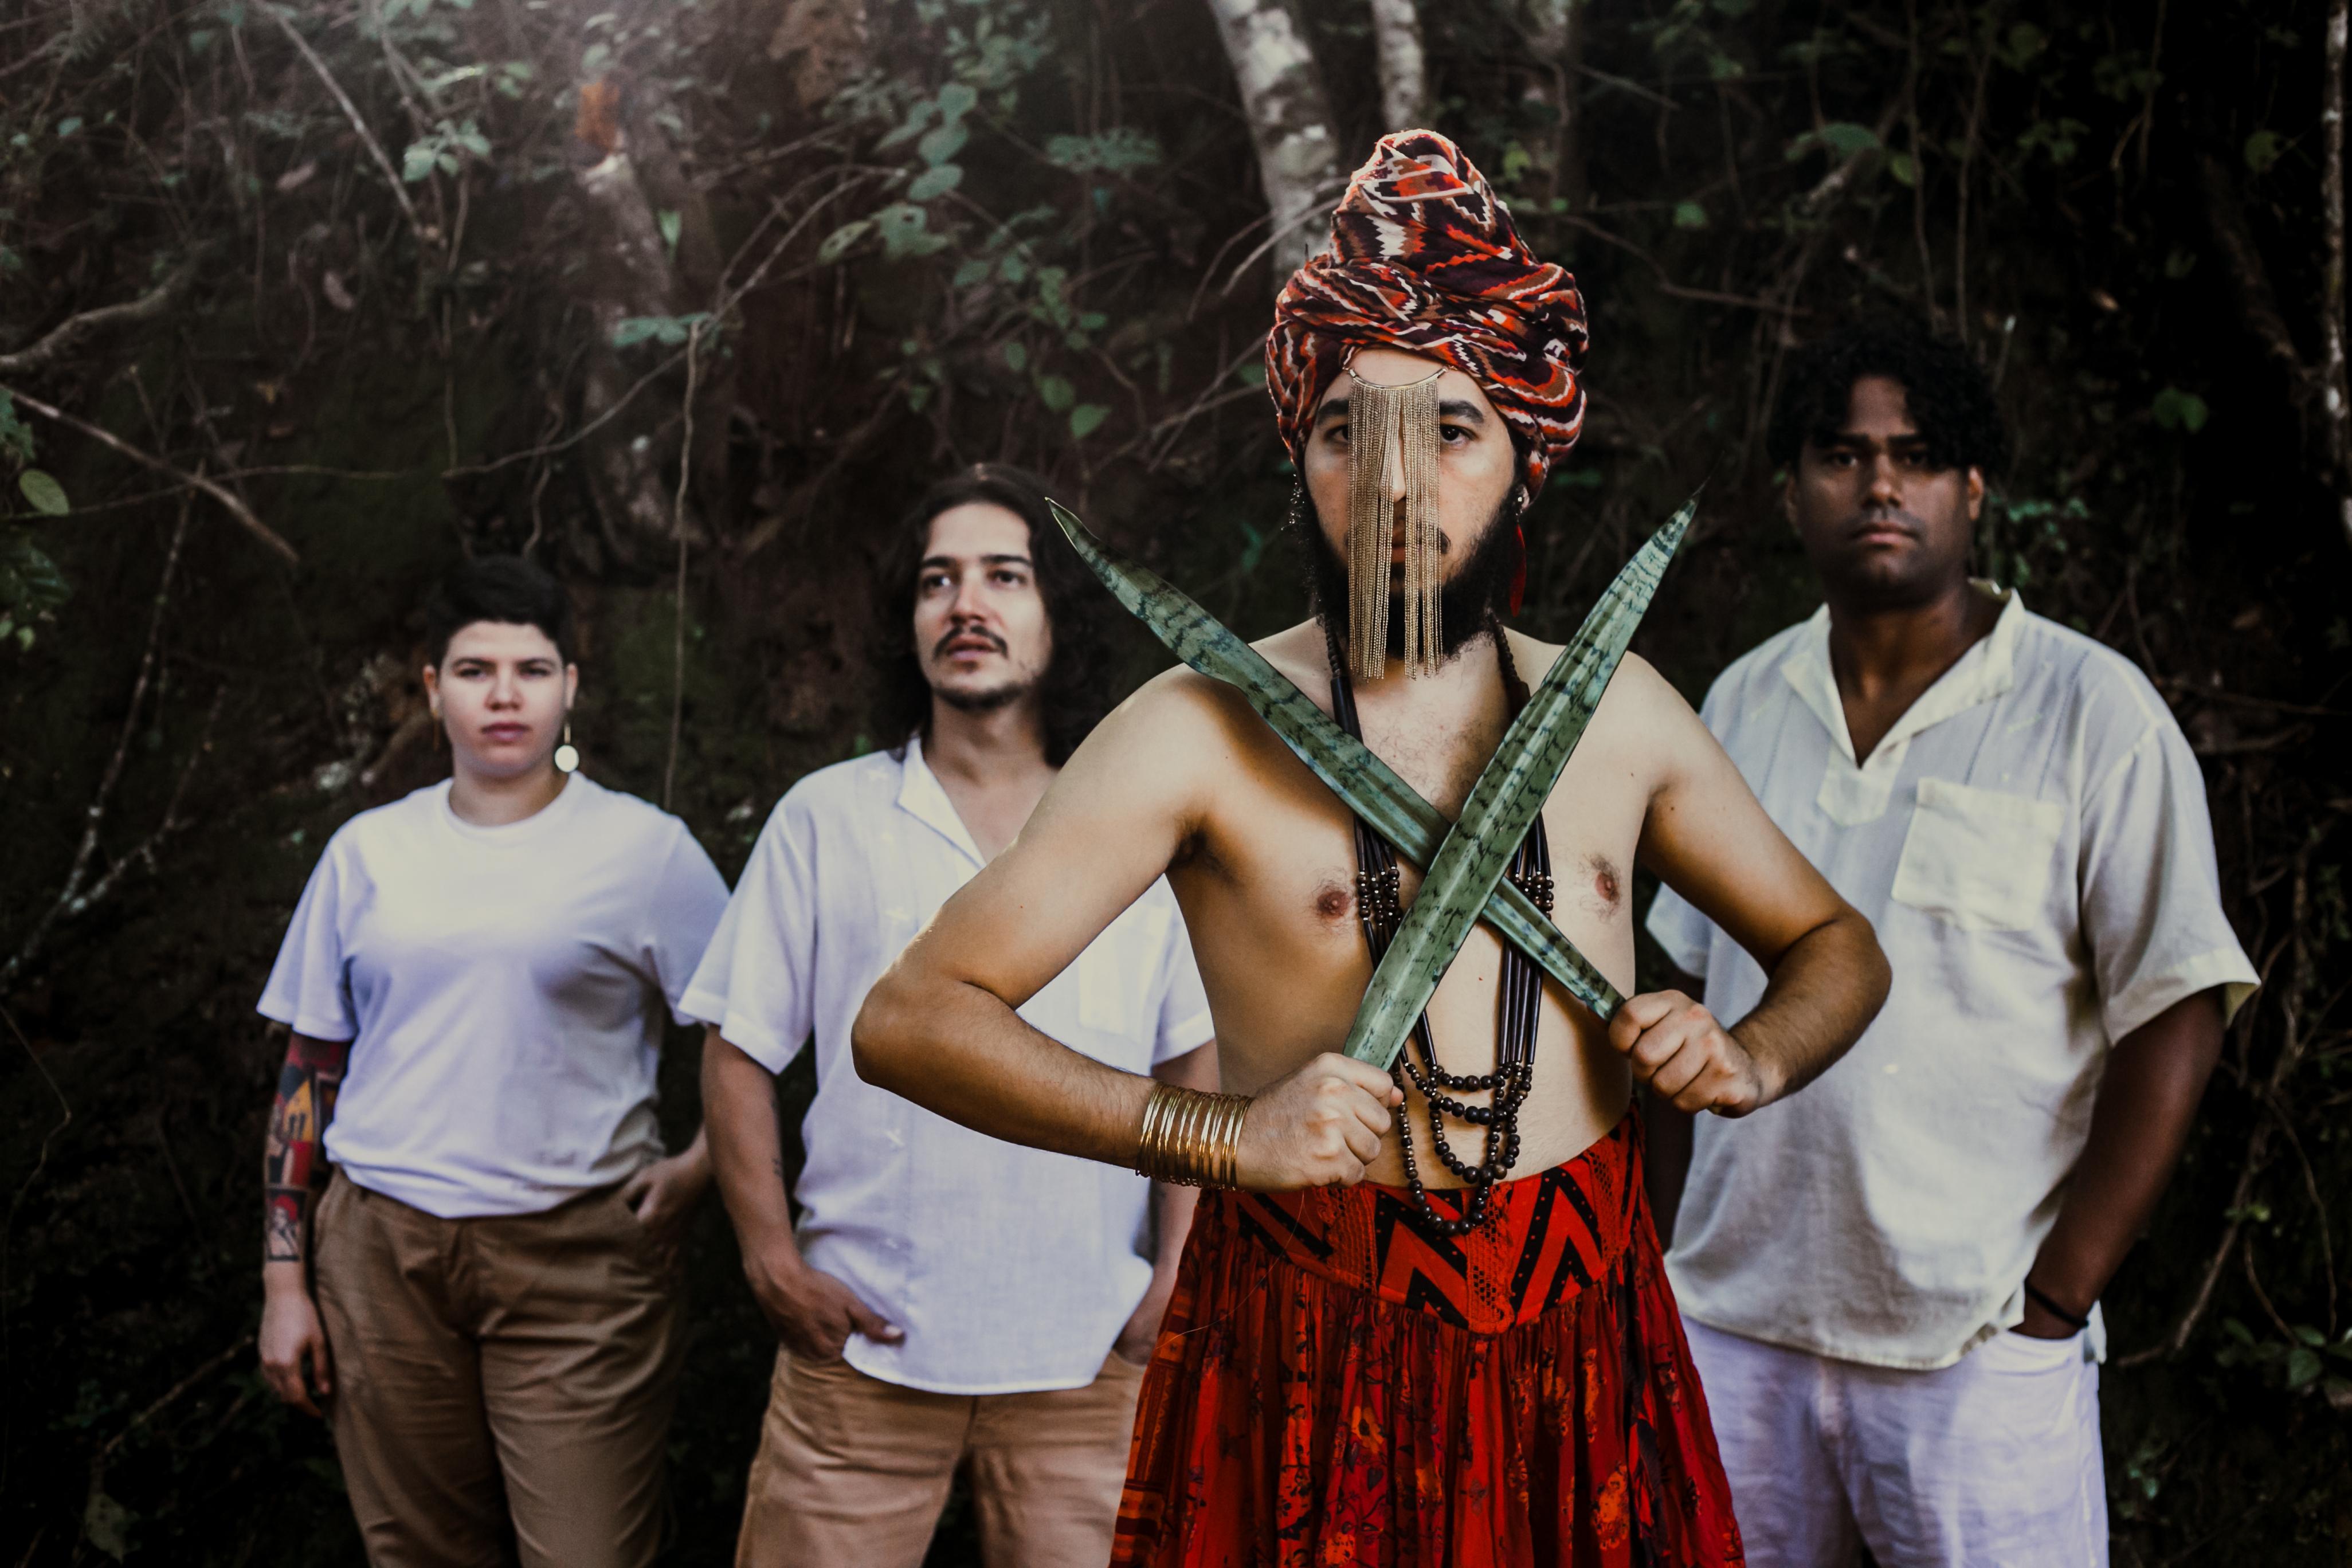 Cidade Rock entra no clima junino com fusão de rock com ritmos regionais, folclóricos e afro-brasileiros